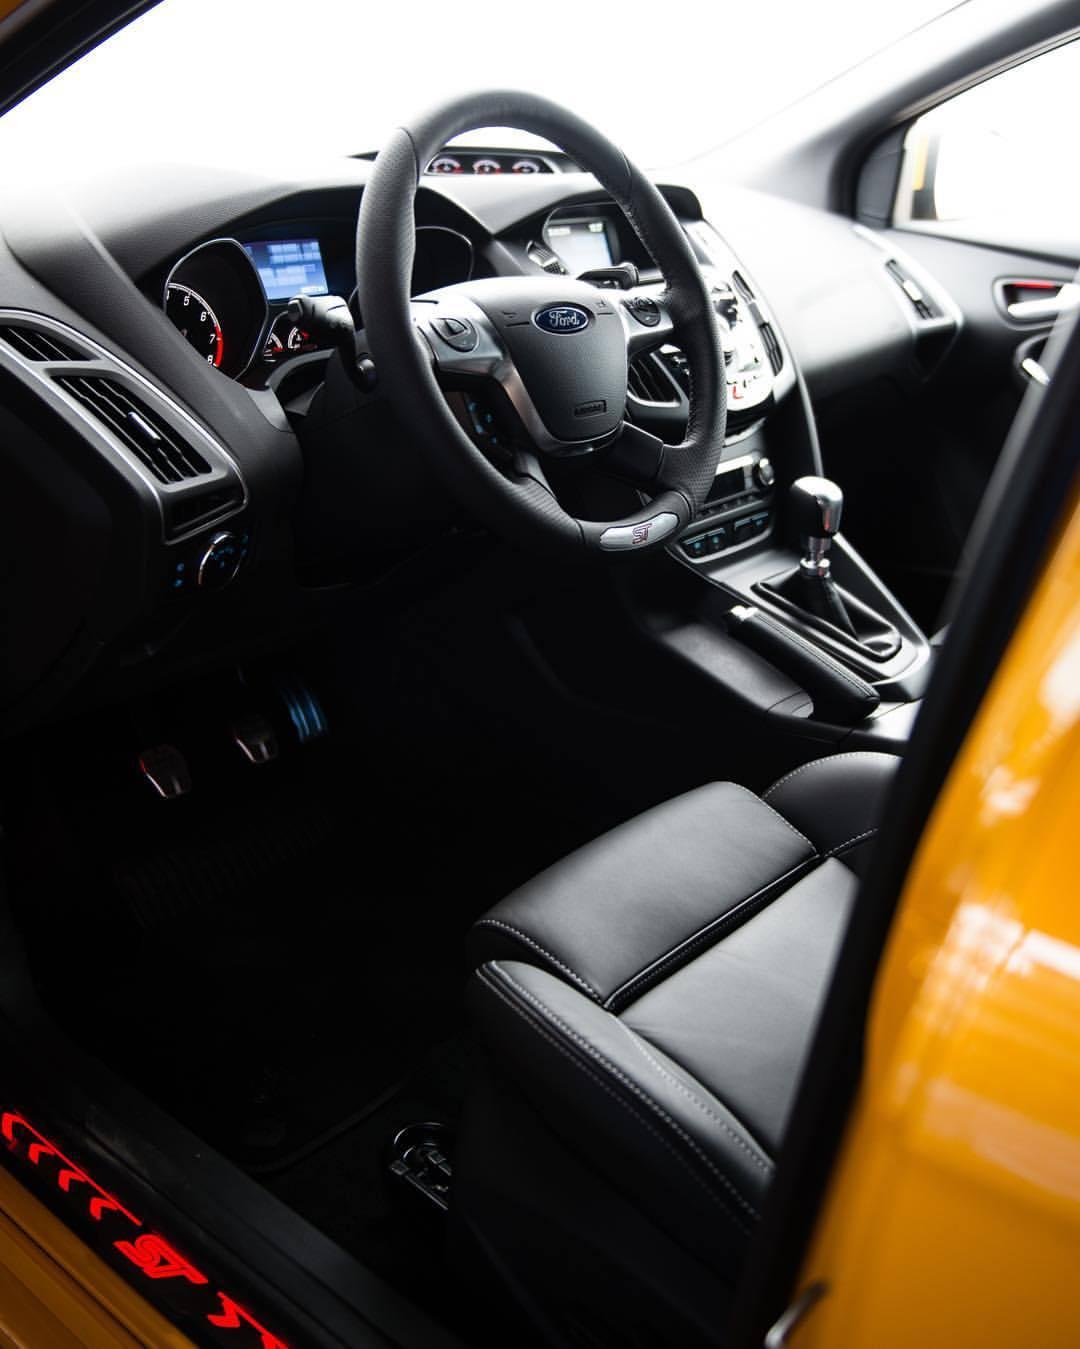 Control-center.   #ford #focus #st #focusst #yellooooow #dailydriver #instacar #carsofinsta #heldth #hammerfettbombekrass